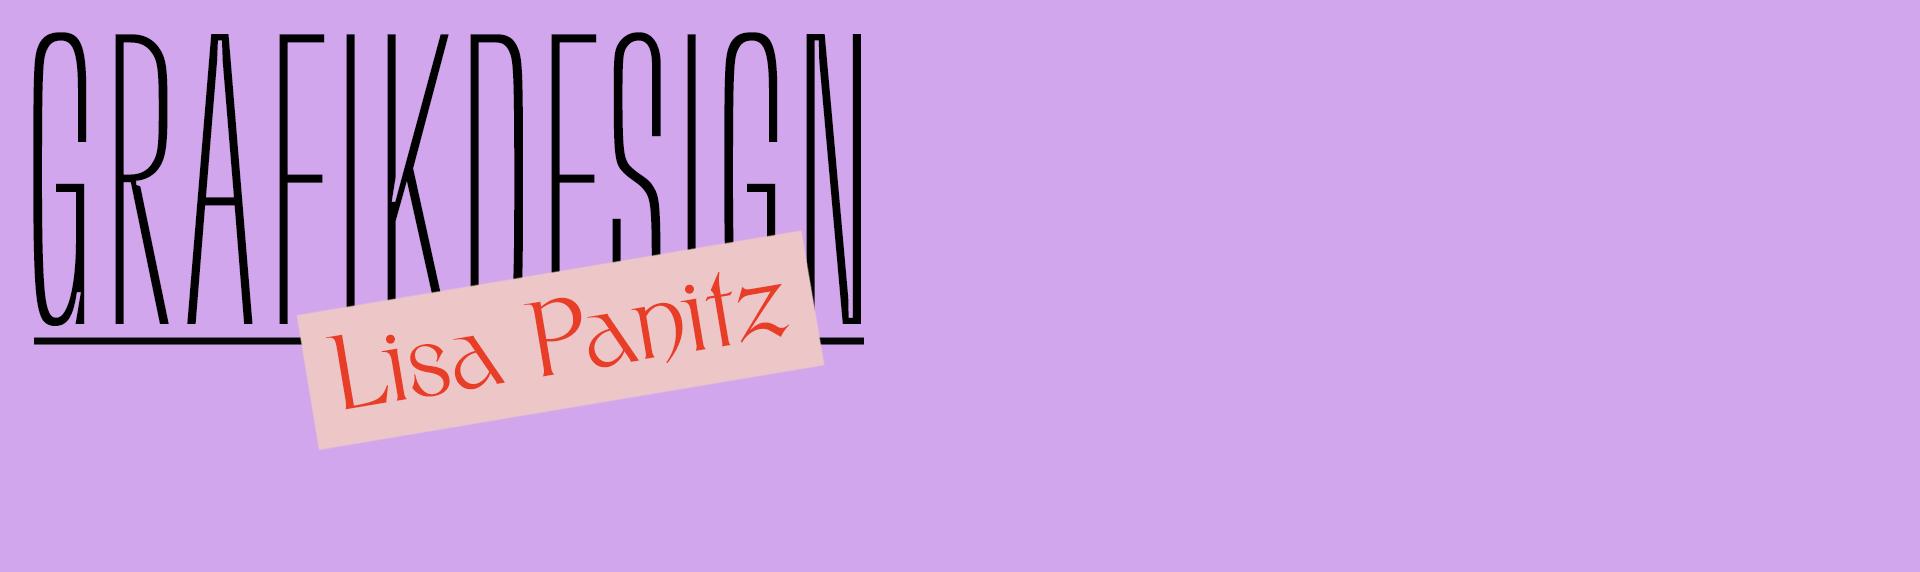 Grafikdesign_Lisa_Panitz